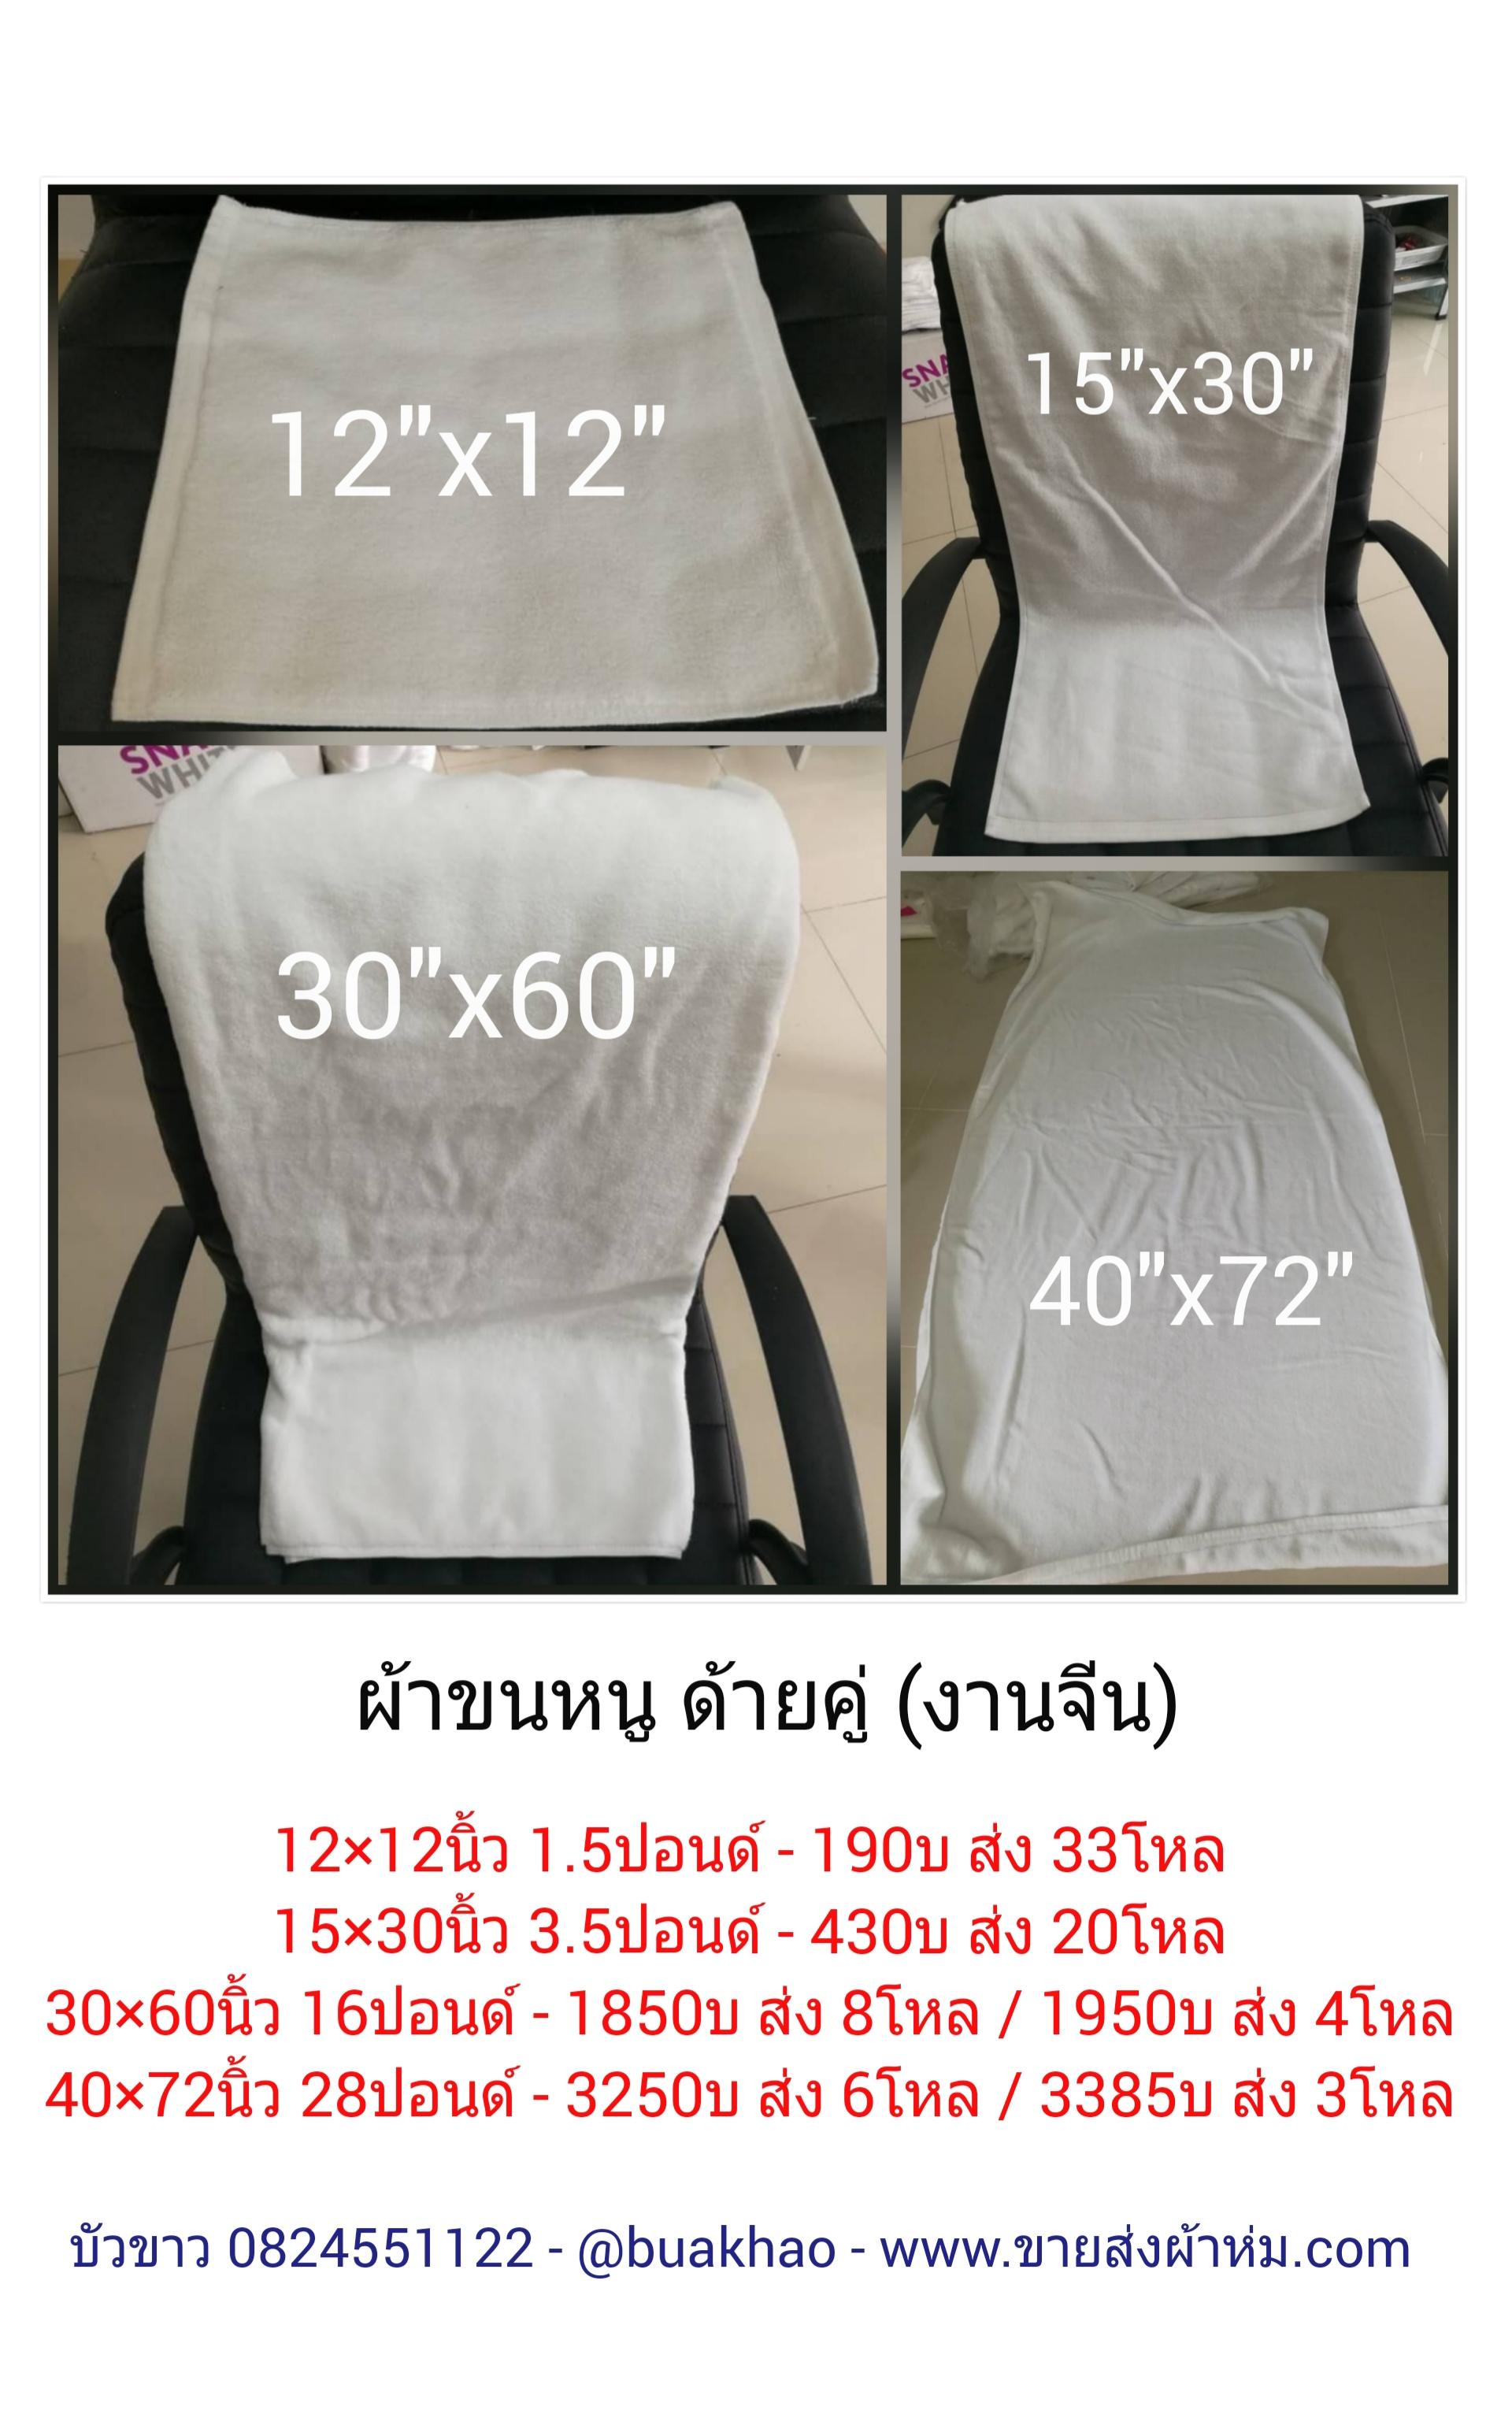 ผ้าขหนนู ด้ายคู่ สีขาว (งานจีน) 30*60นิ้ว 16ปอนด์ 1950บ ส่ง 4โหล